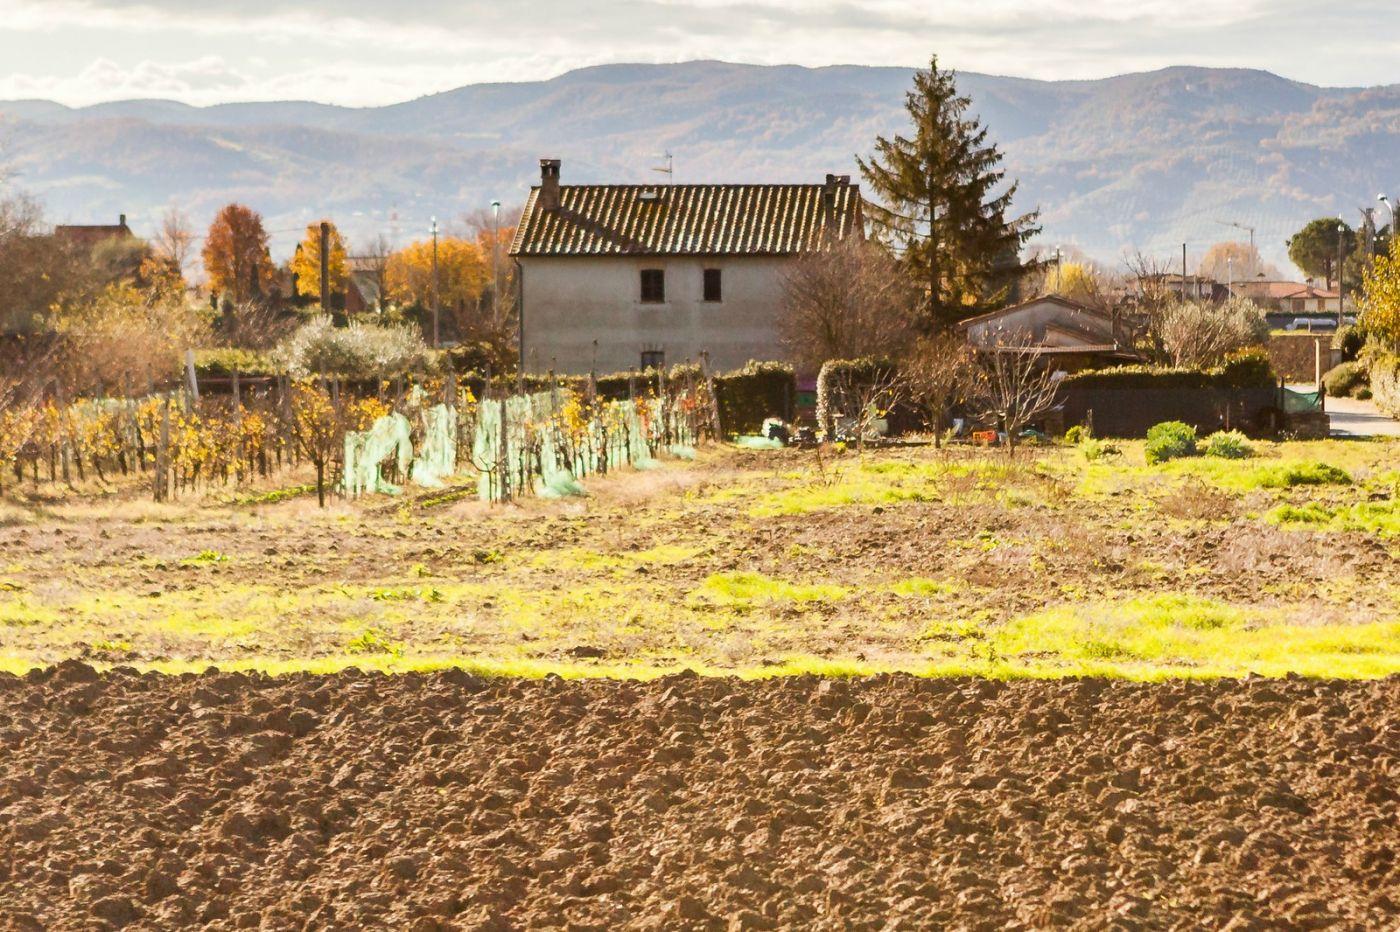 意大利路途,秋后的农村_图1-7